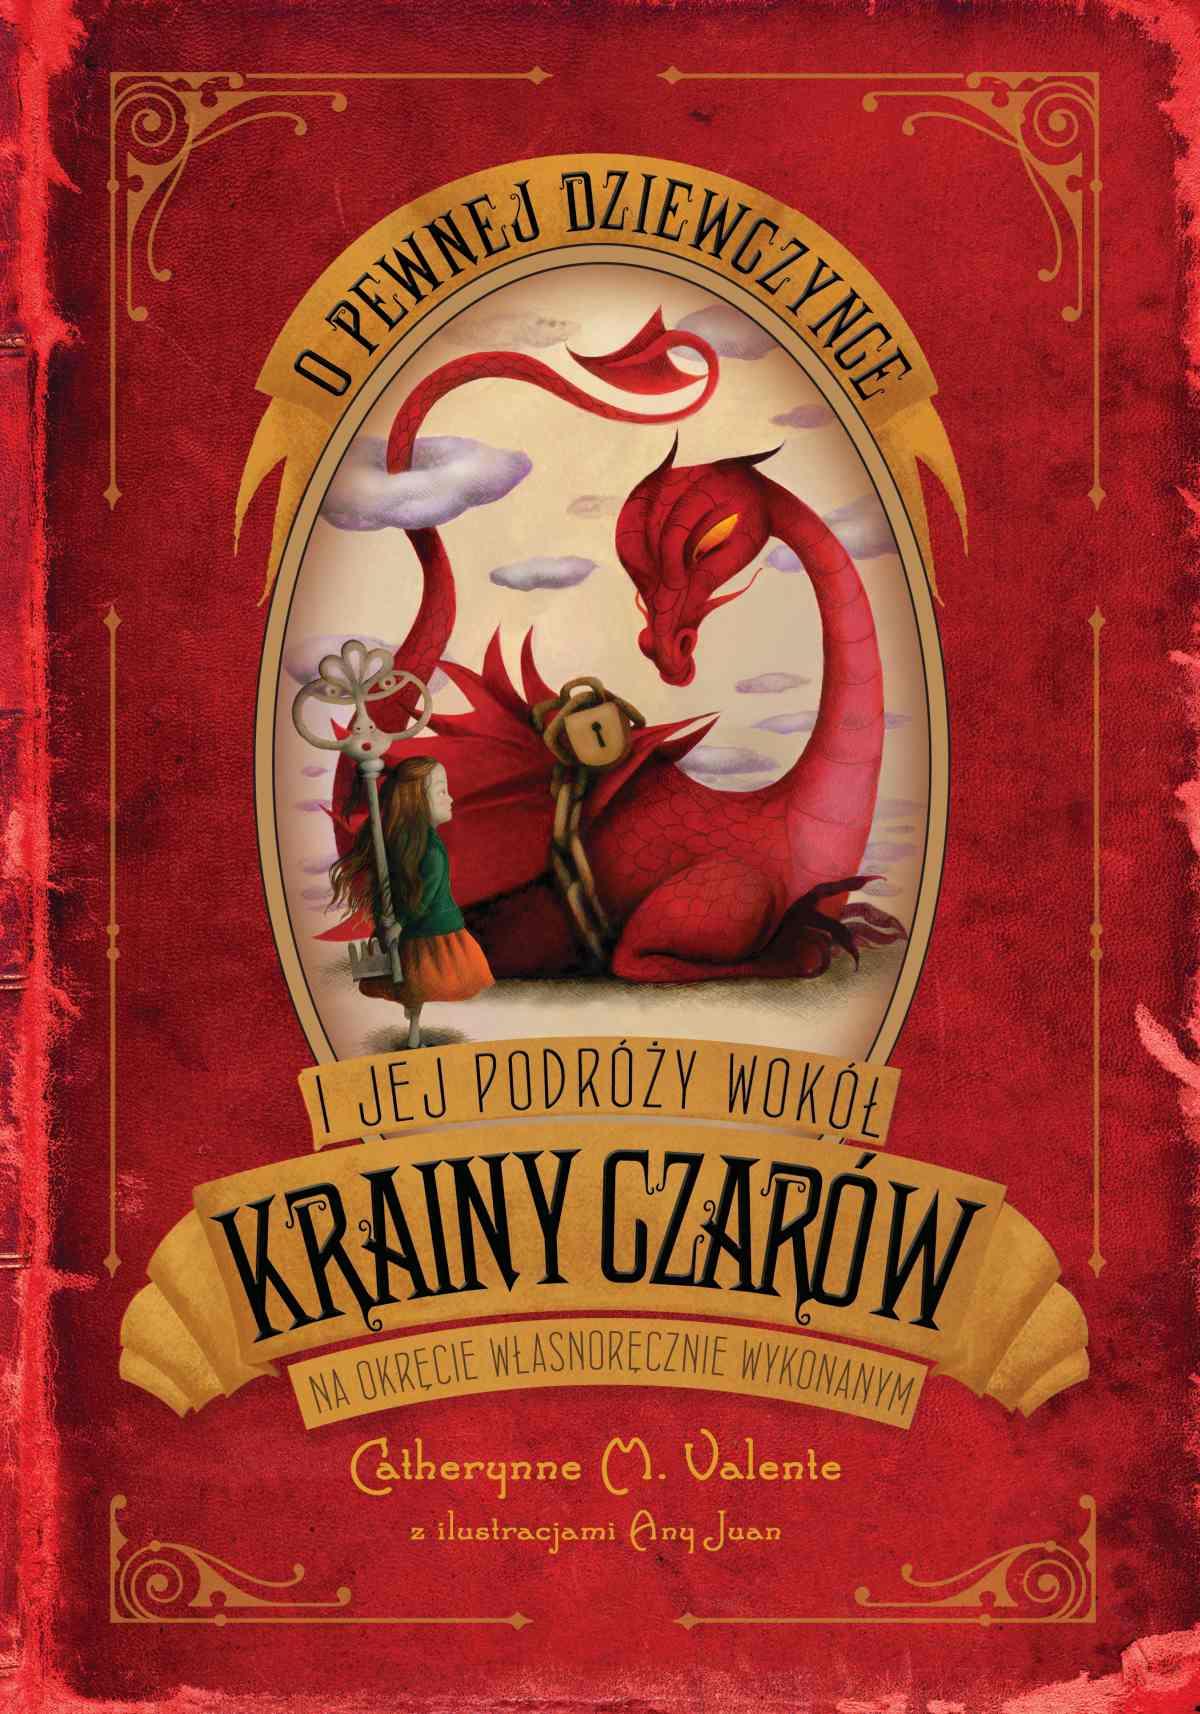 O pewnej dziewczynce i jej podróży do Krainy Czarów na okręcie własnoręcznie wykonanym - Ebook (Książka na Kindle) do pobrania w formacie MOBI